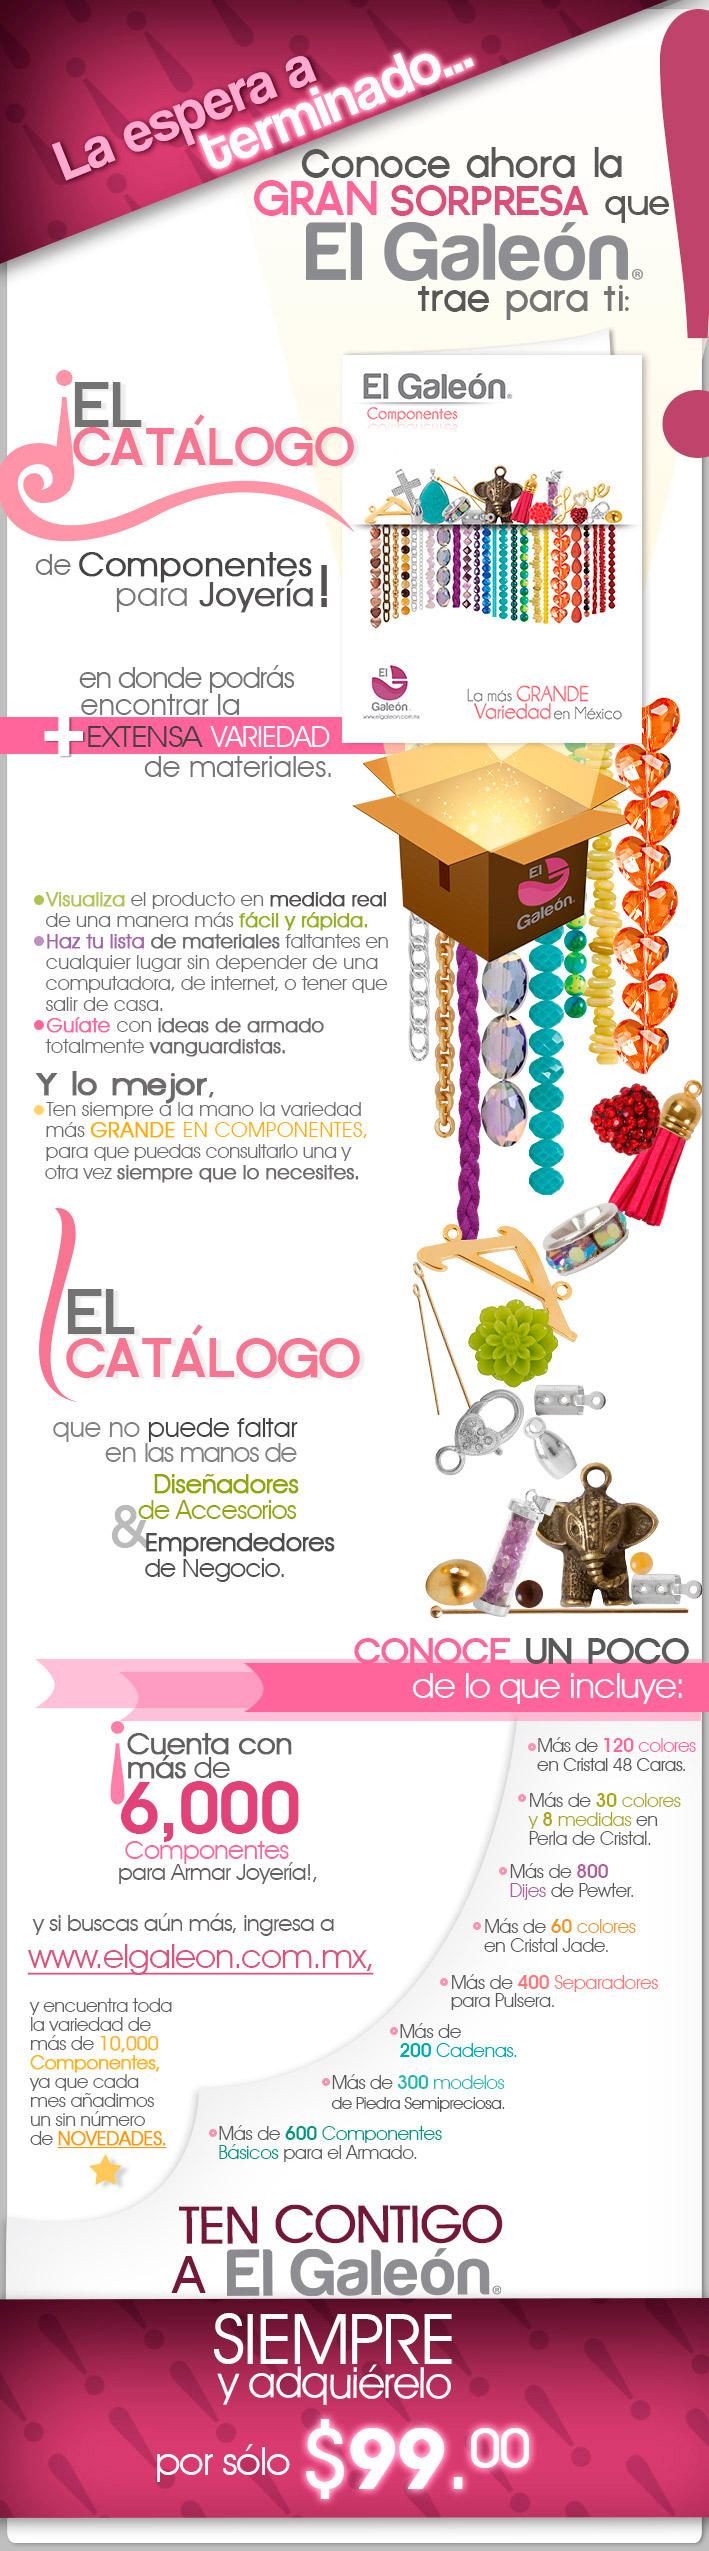 La espera a terminado... Conoce ahora la Gran Sorpresa que El Galeón trae para ti:  ¡El Catálogo de Componentes para Joyería!  Con más de 6,000 Componentes.  www.elgaleon.com.mx